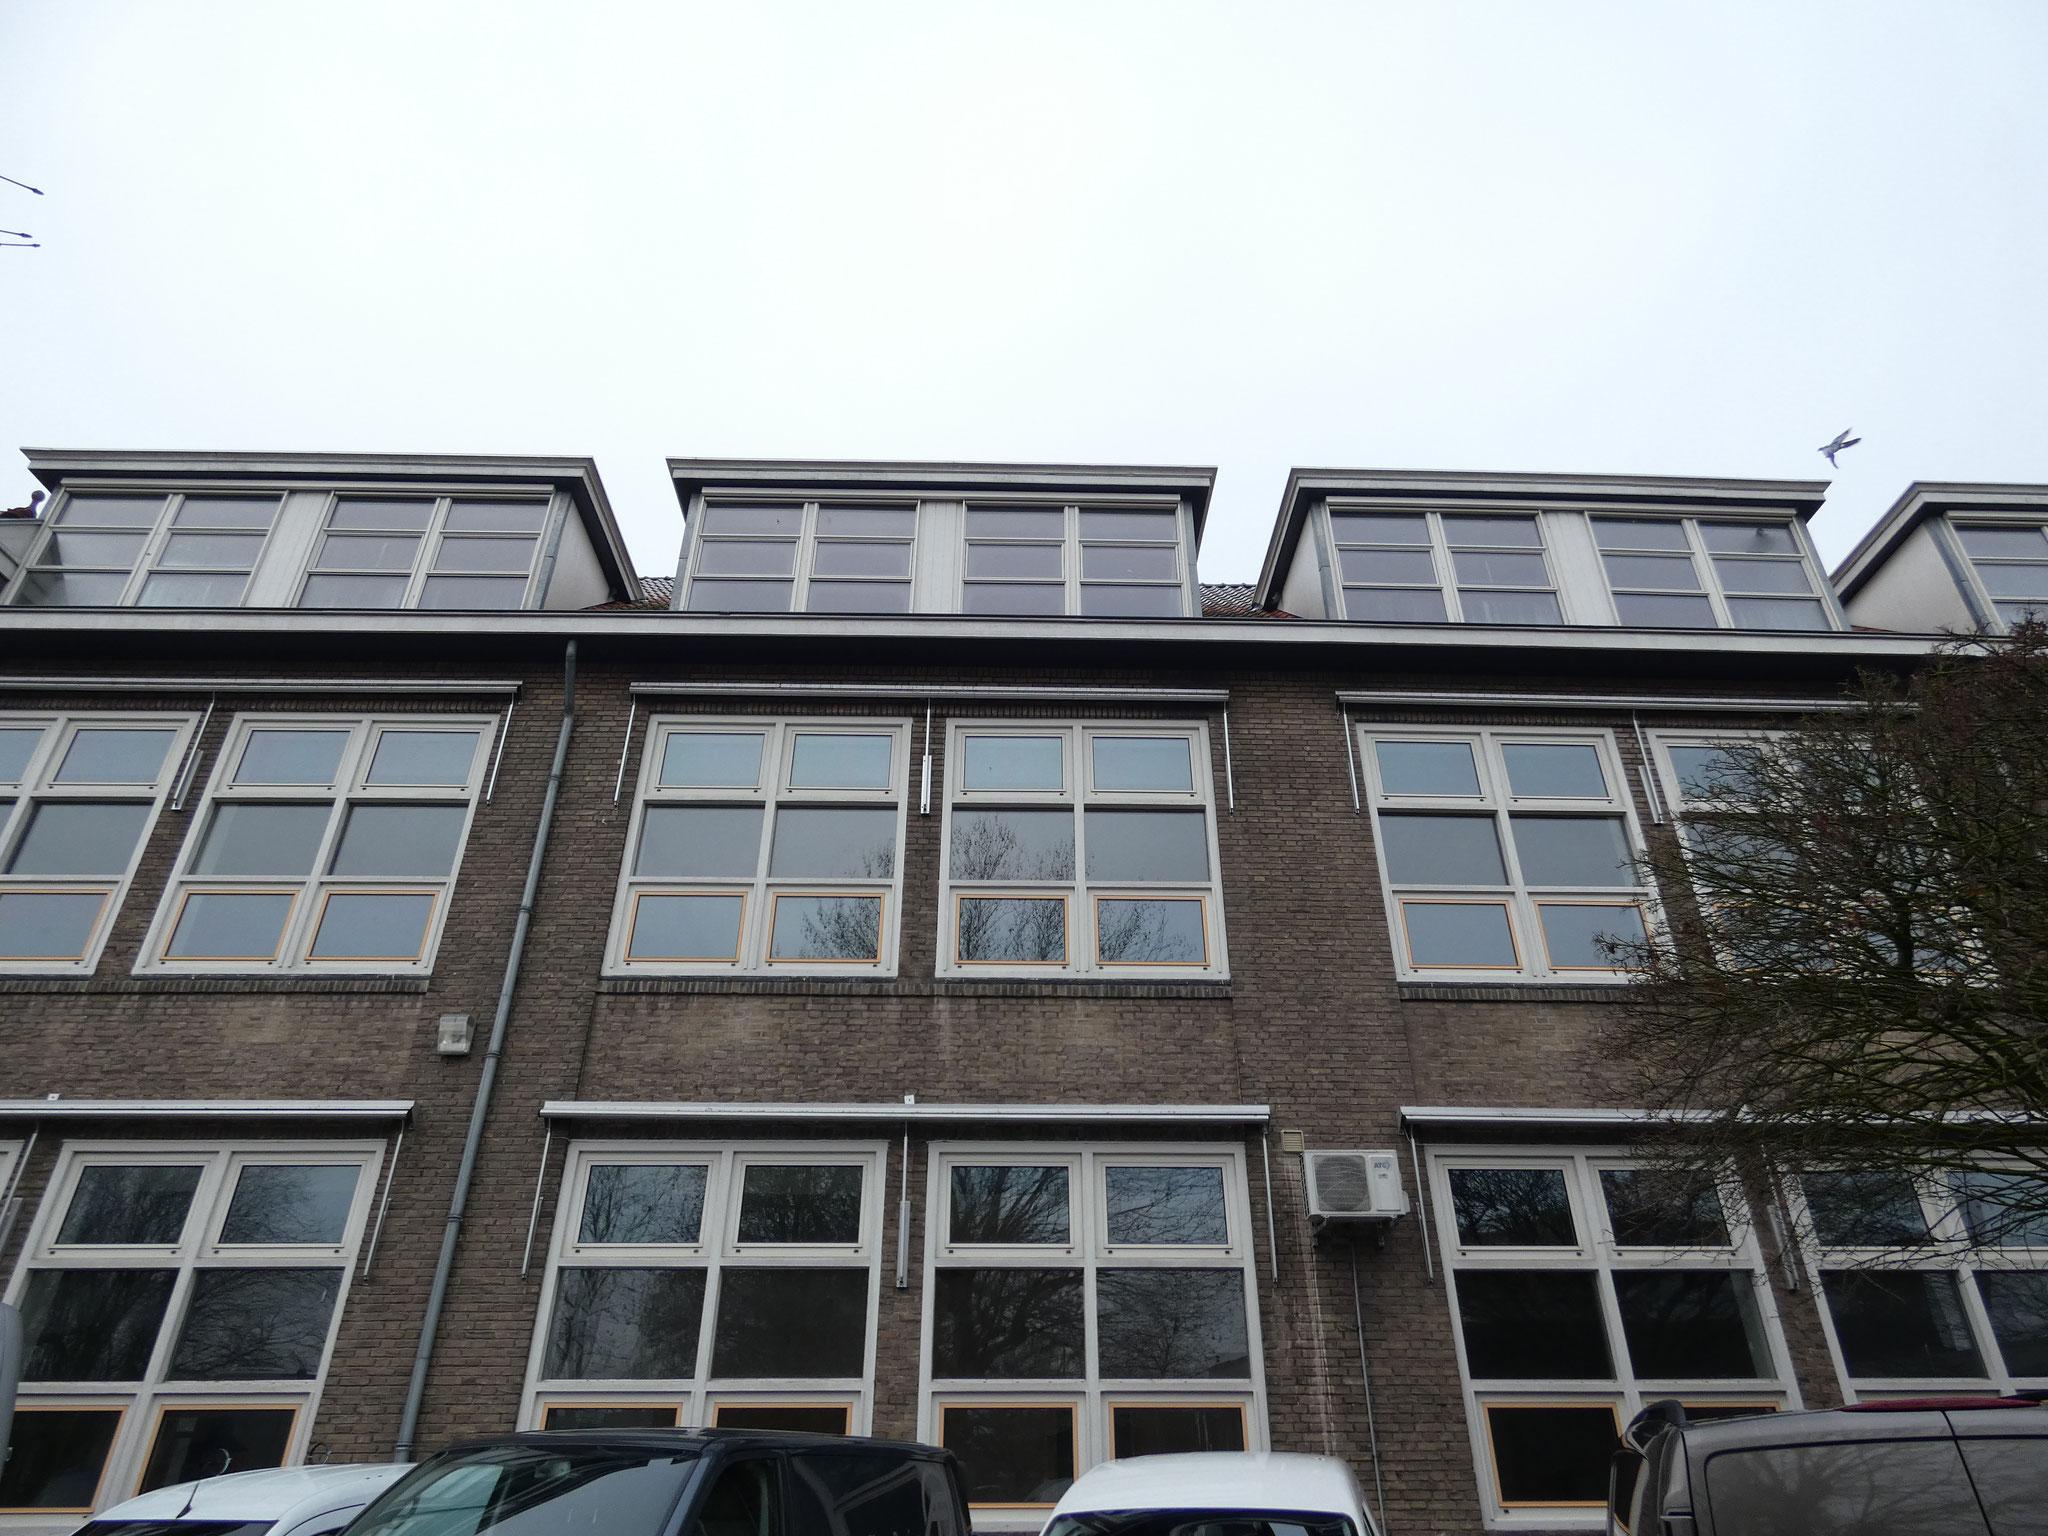 De achtergevel van de Martinusschool, met de karakteristieke grote vensters.